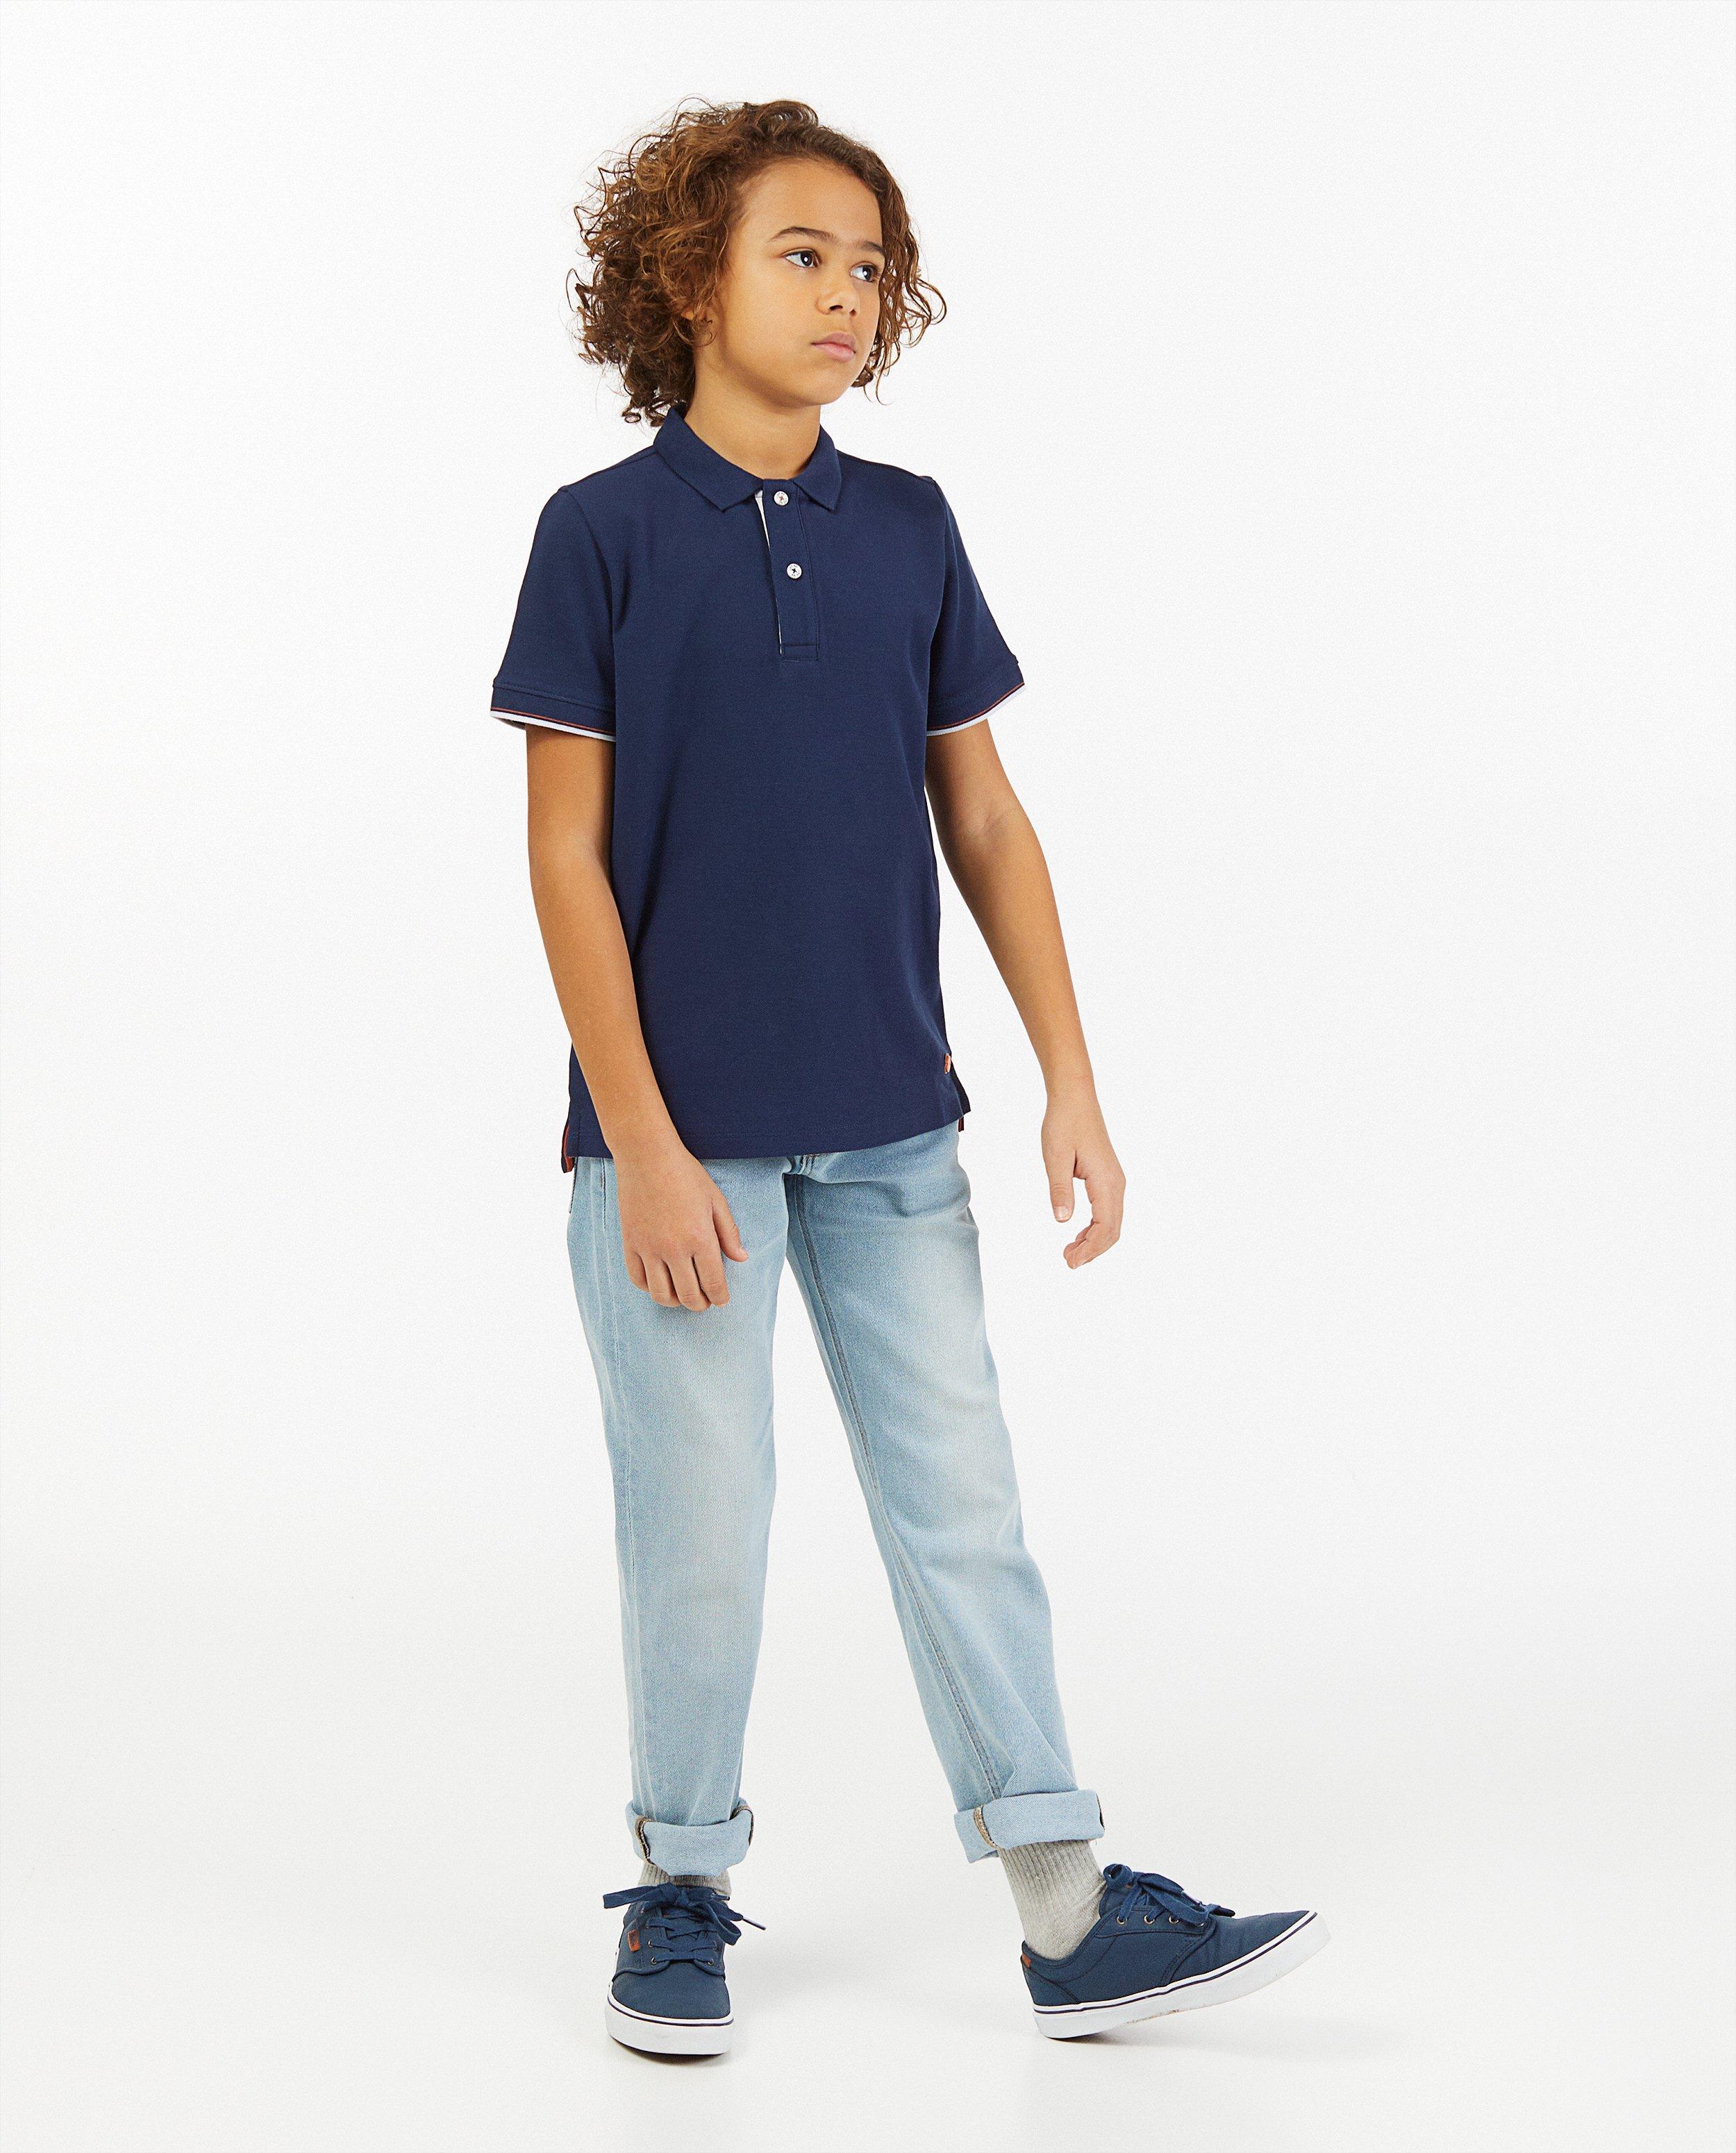 Blauwe polo #LikeMe - met korte mouwen - Like Me